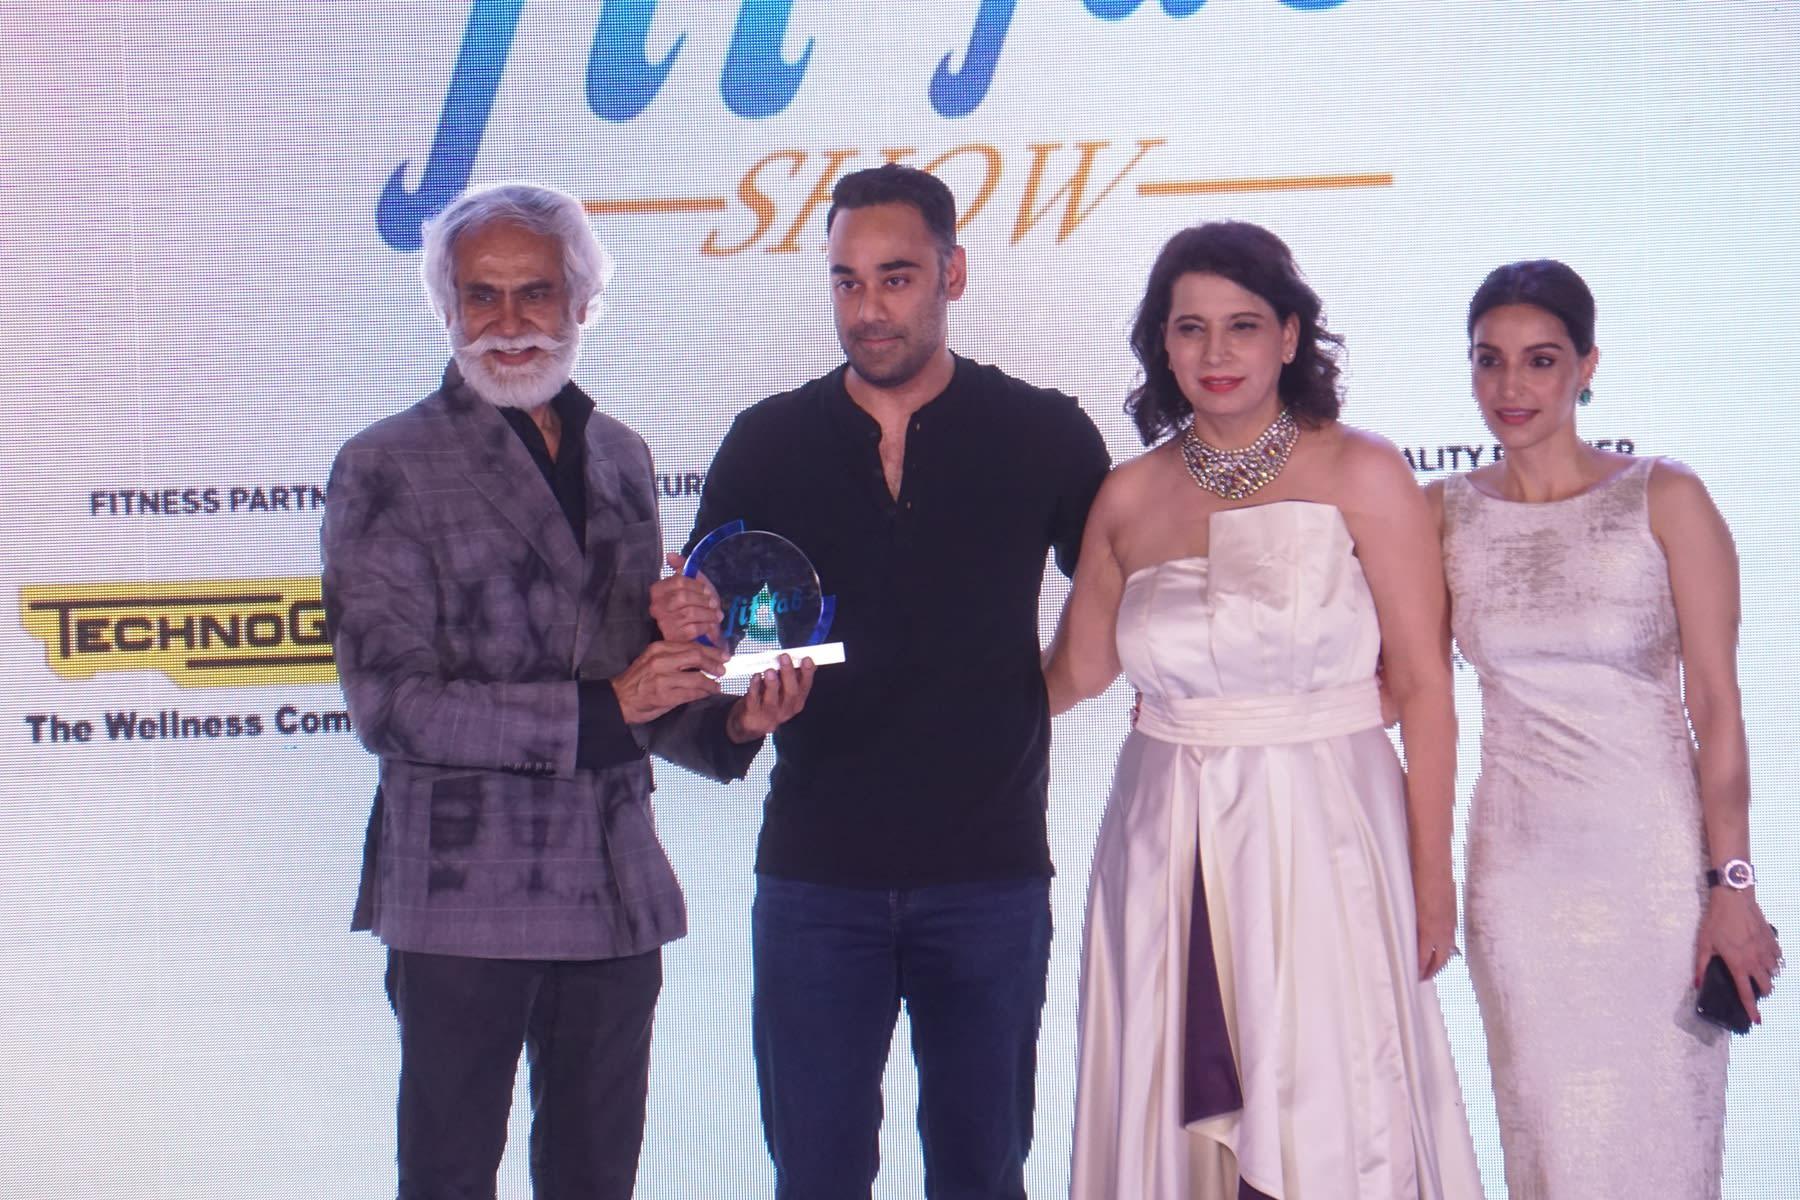 Mr. Sunil Sethi Presenting awards with Parineeta Sethi